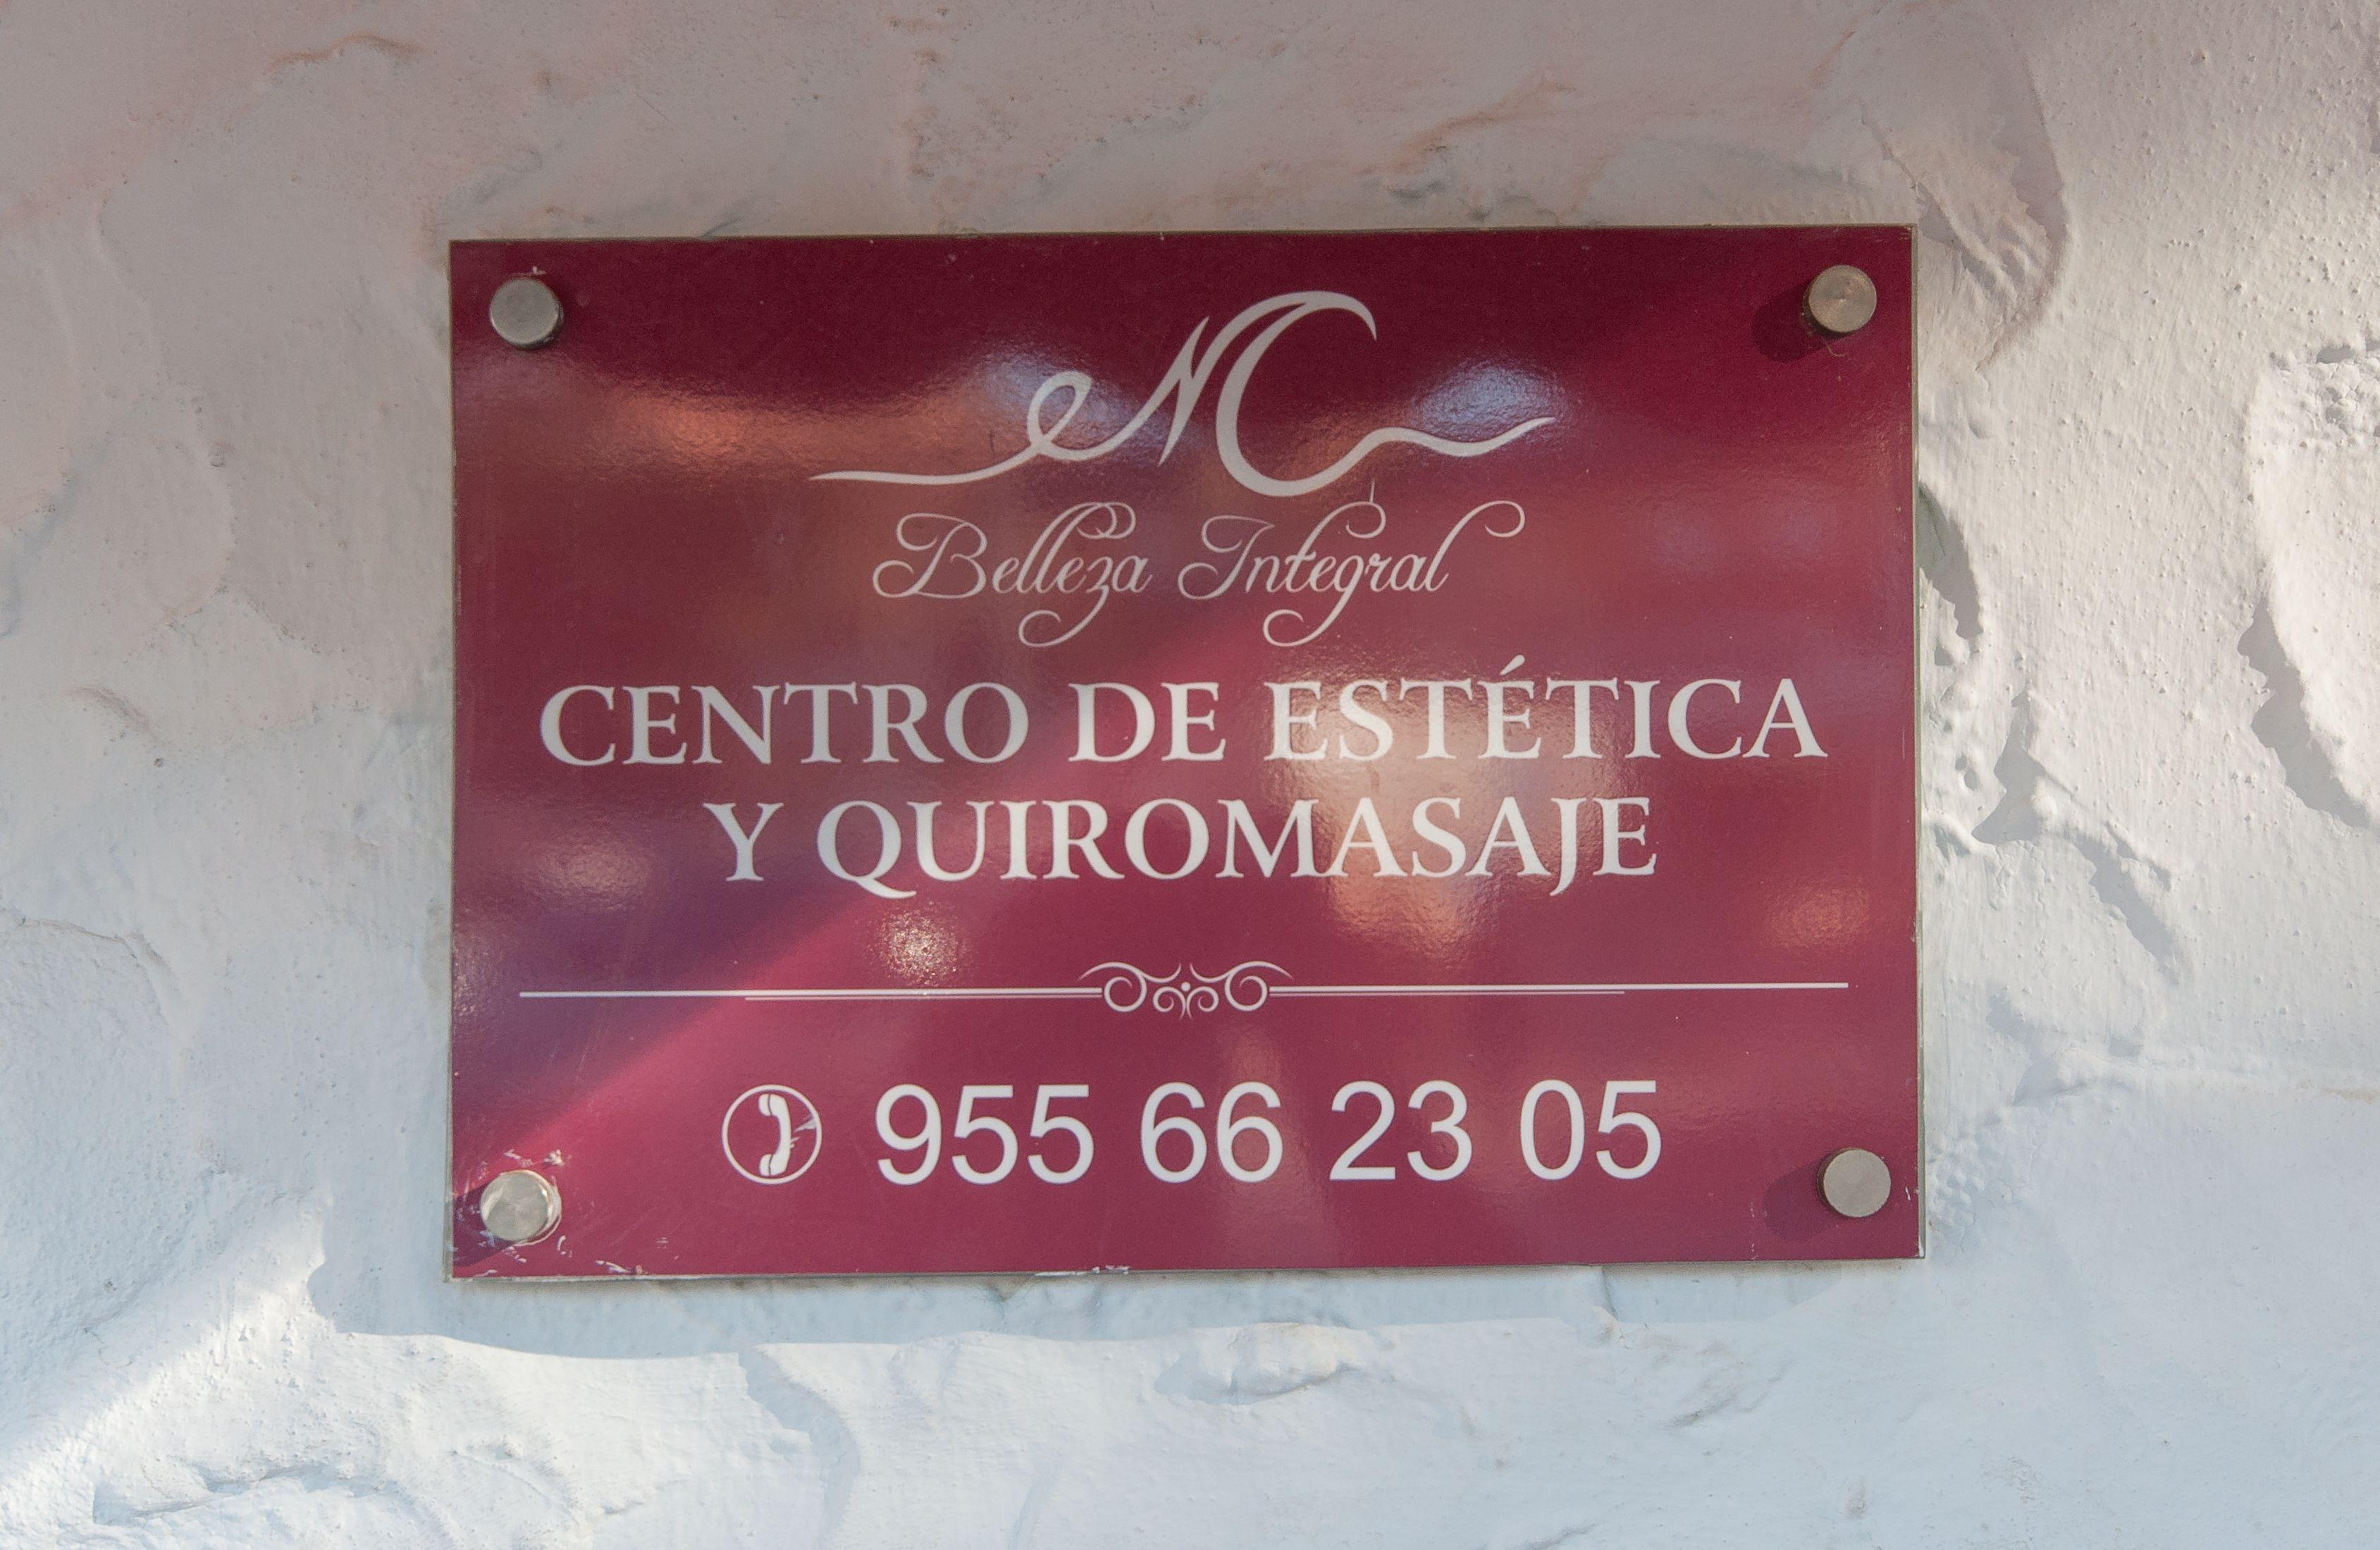 Estymas Belleza Integral en Sevilla